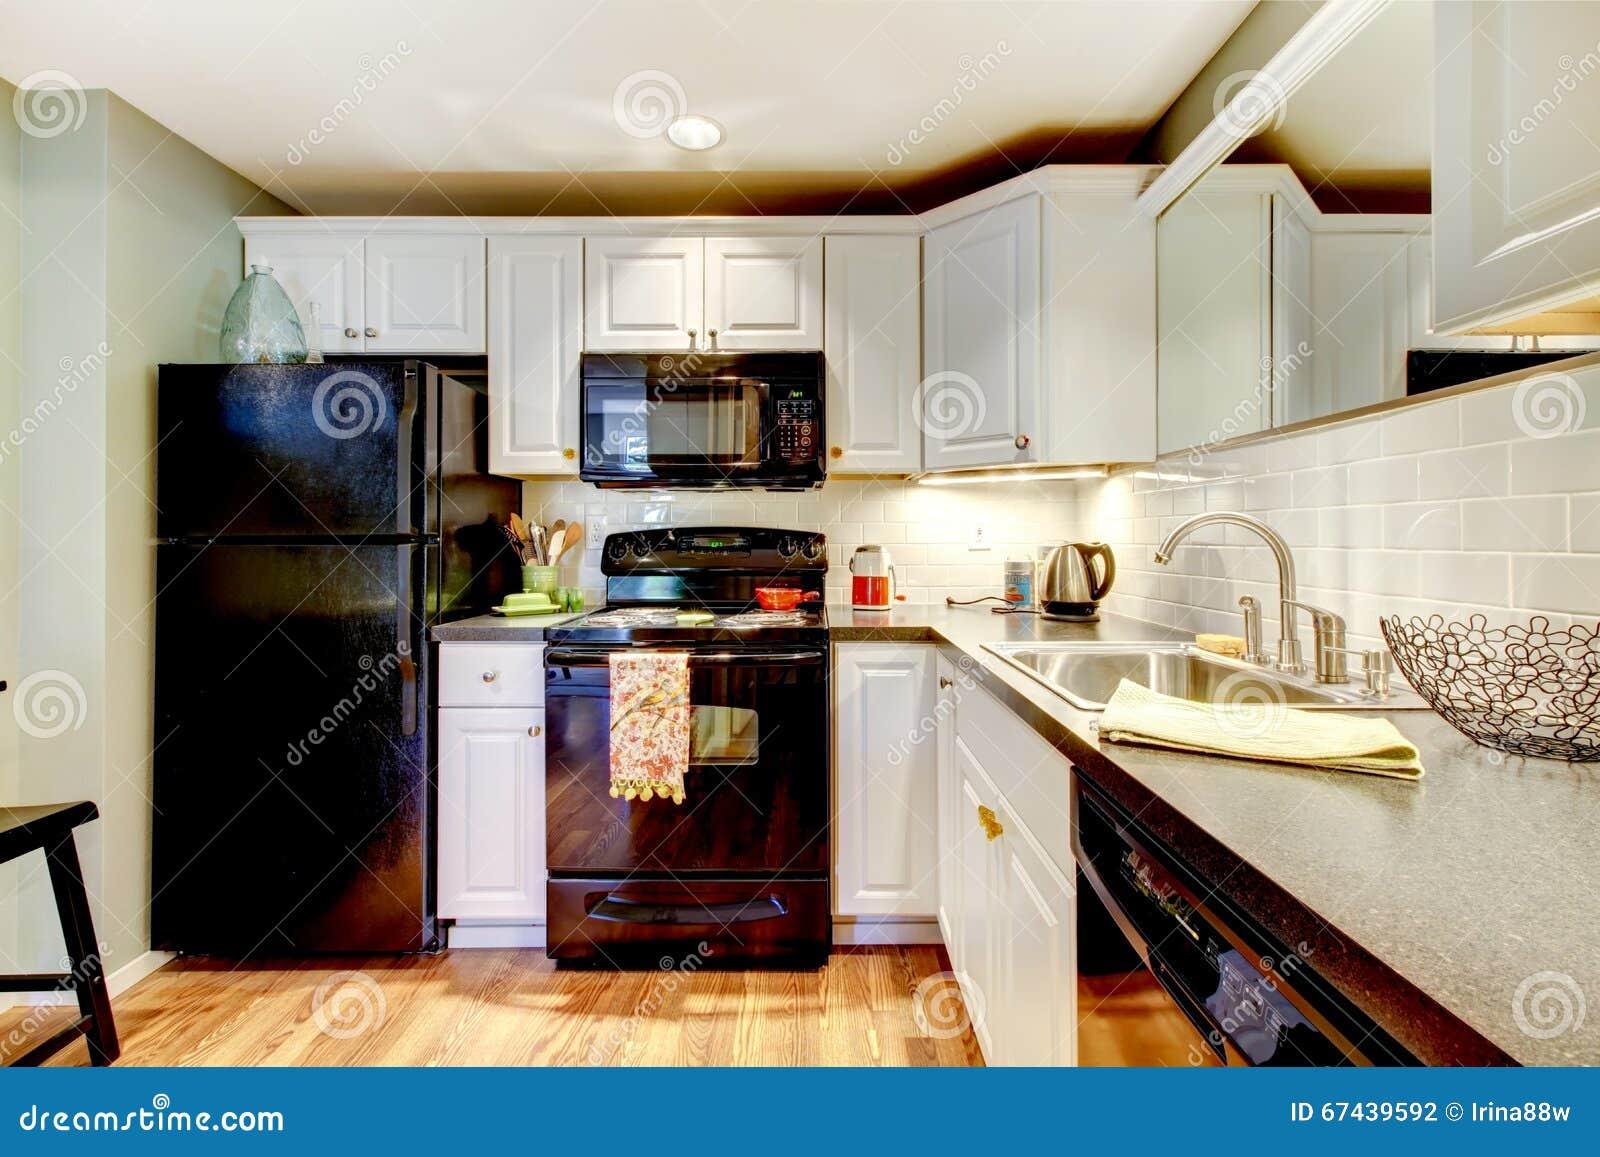 Cuisine avec le r frig rateur noir le fourneau le four et le compteur gris photo stock - Cuisine avec frigo noir ...